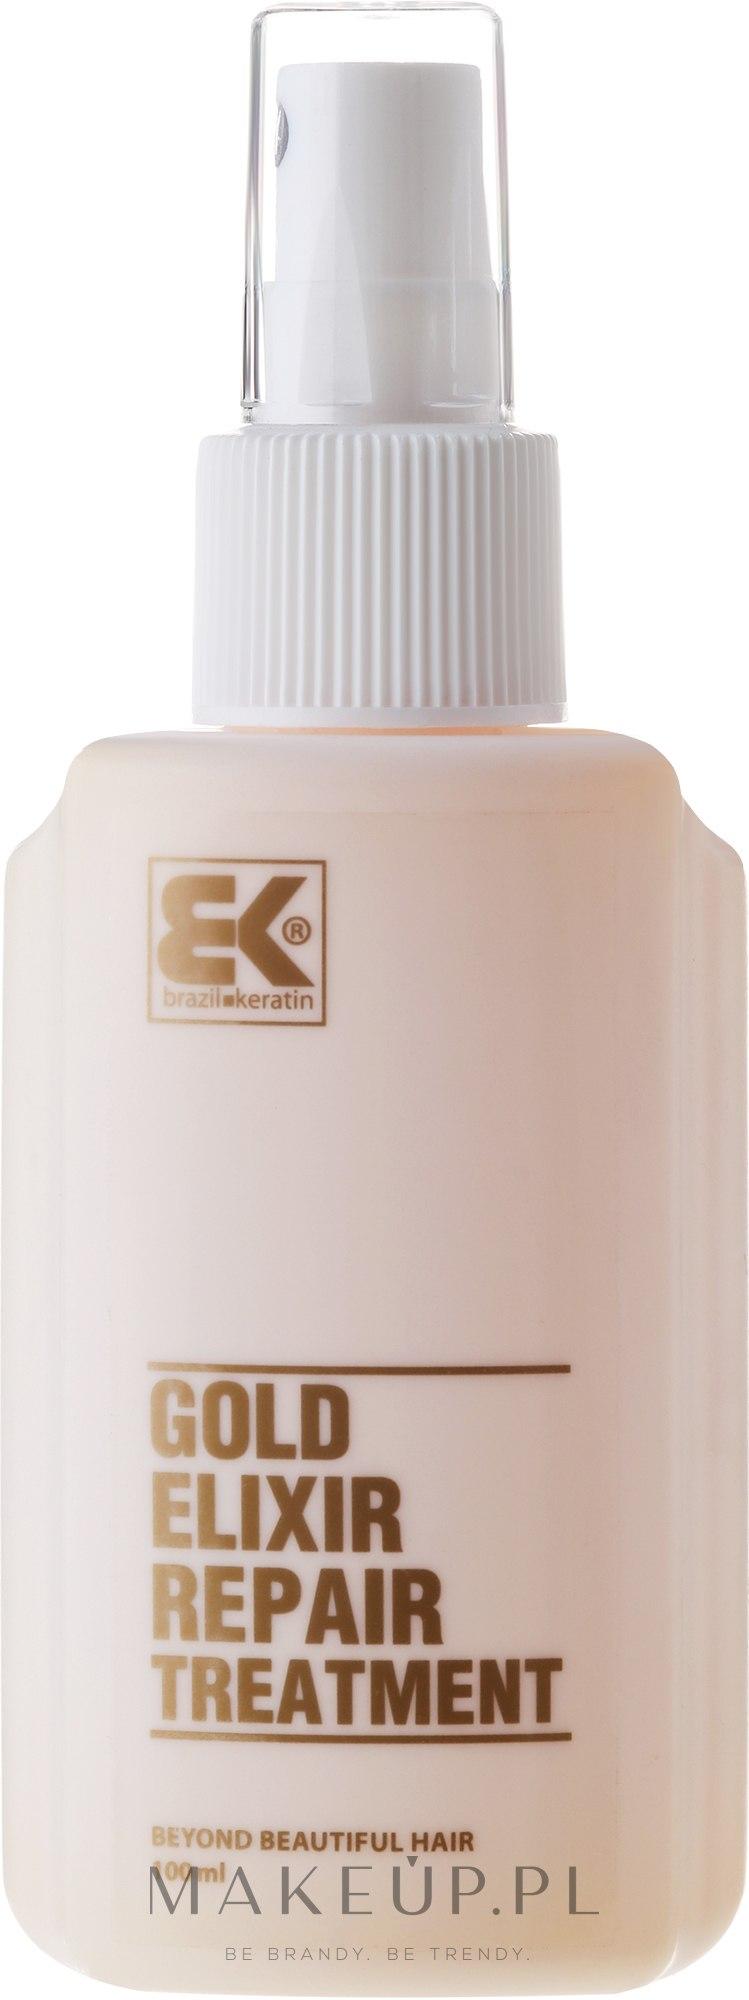 Naprawczy eliksir do włosów - Brazil Keratin Gold Elixir Repair Treatment — фото 100 ml